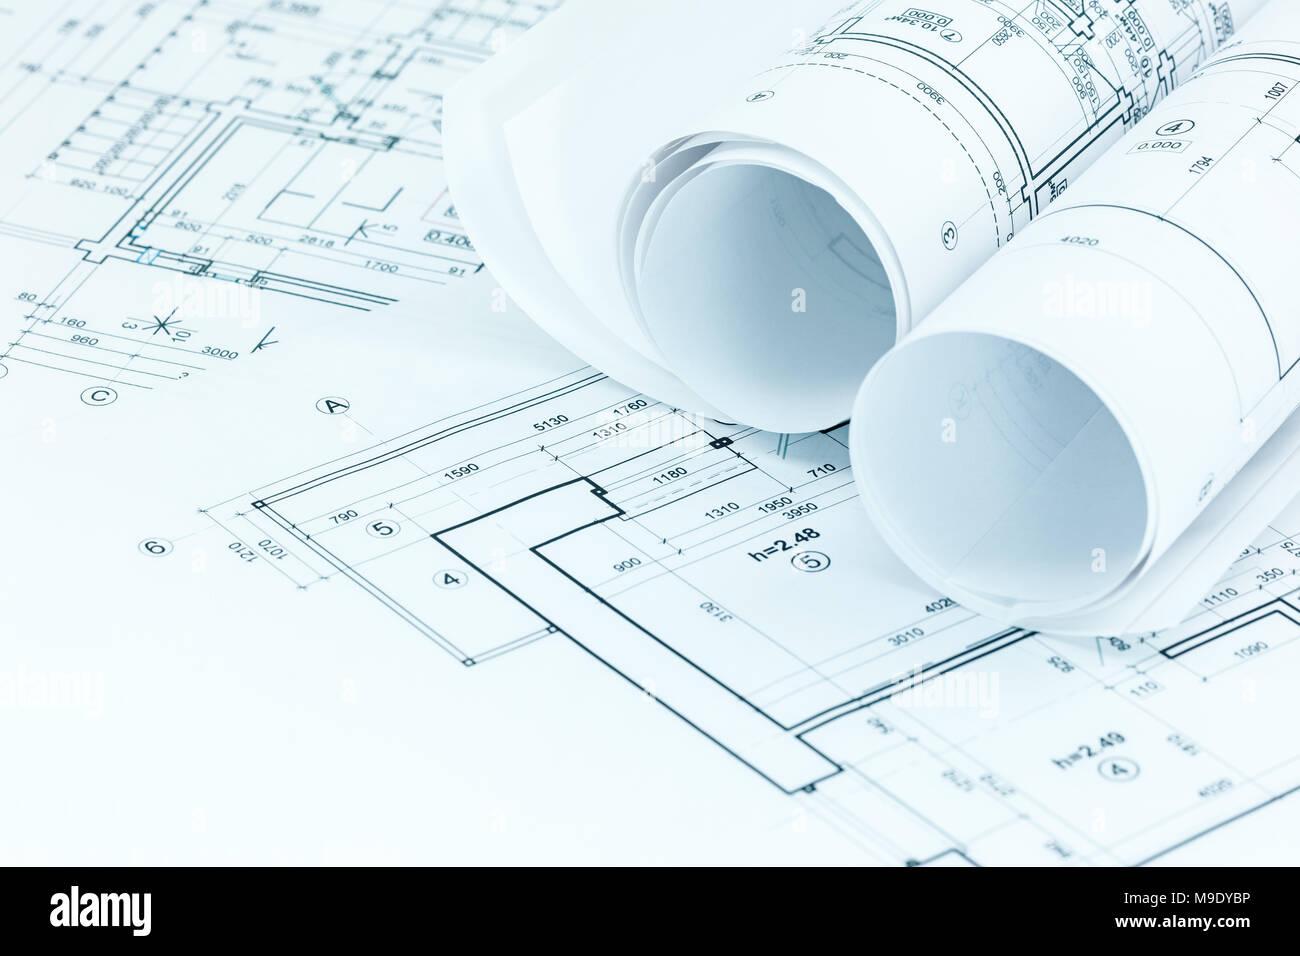 https www alamyimages fr des dessins techniques et des plans de projet plans de travail de l architecte sur rouleau 24 image177942458 html